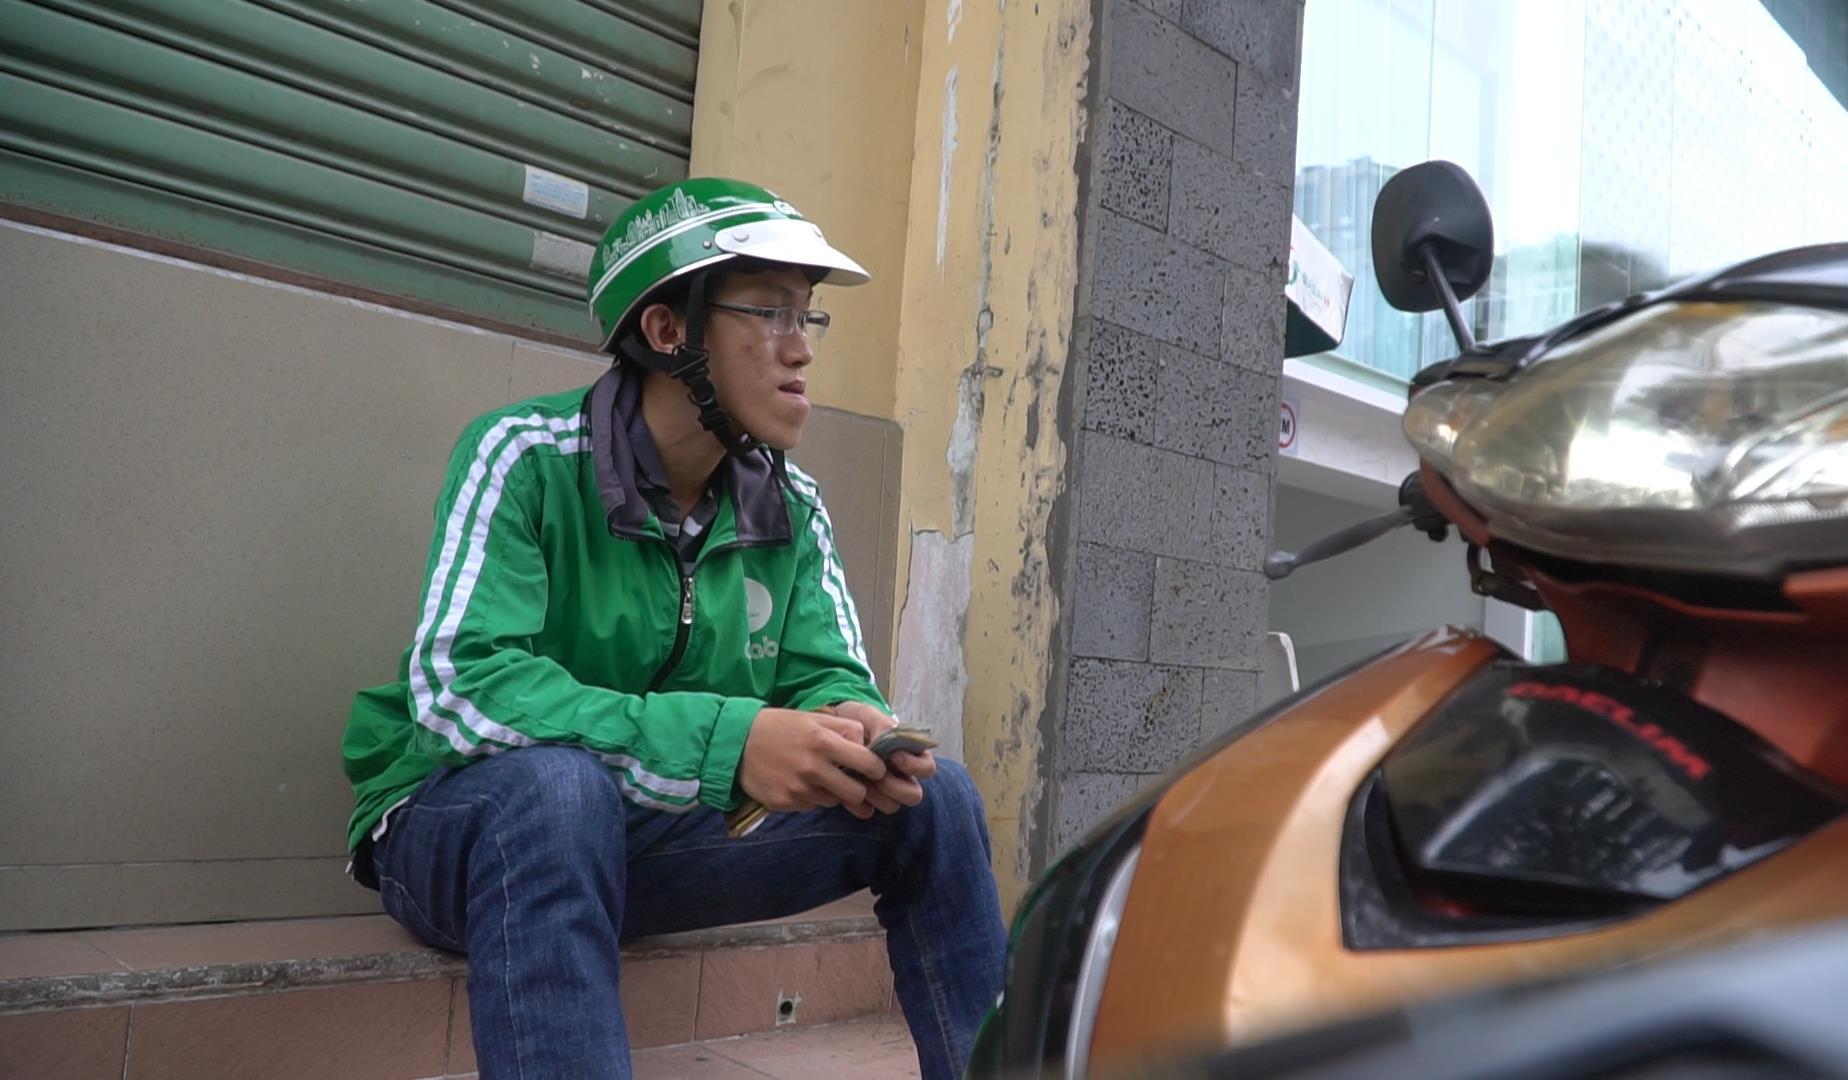 """Cuộc đời cơ cực của chàng thạc sĩ 9x với gương mặt dị tật: """"Tôi chỉ dám đi chạy xe, phụ quán, rửa chén vì ai cũng chê xấu xí"""" - Ảnh 7."""